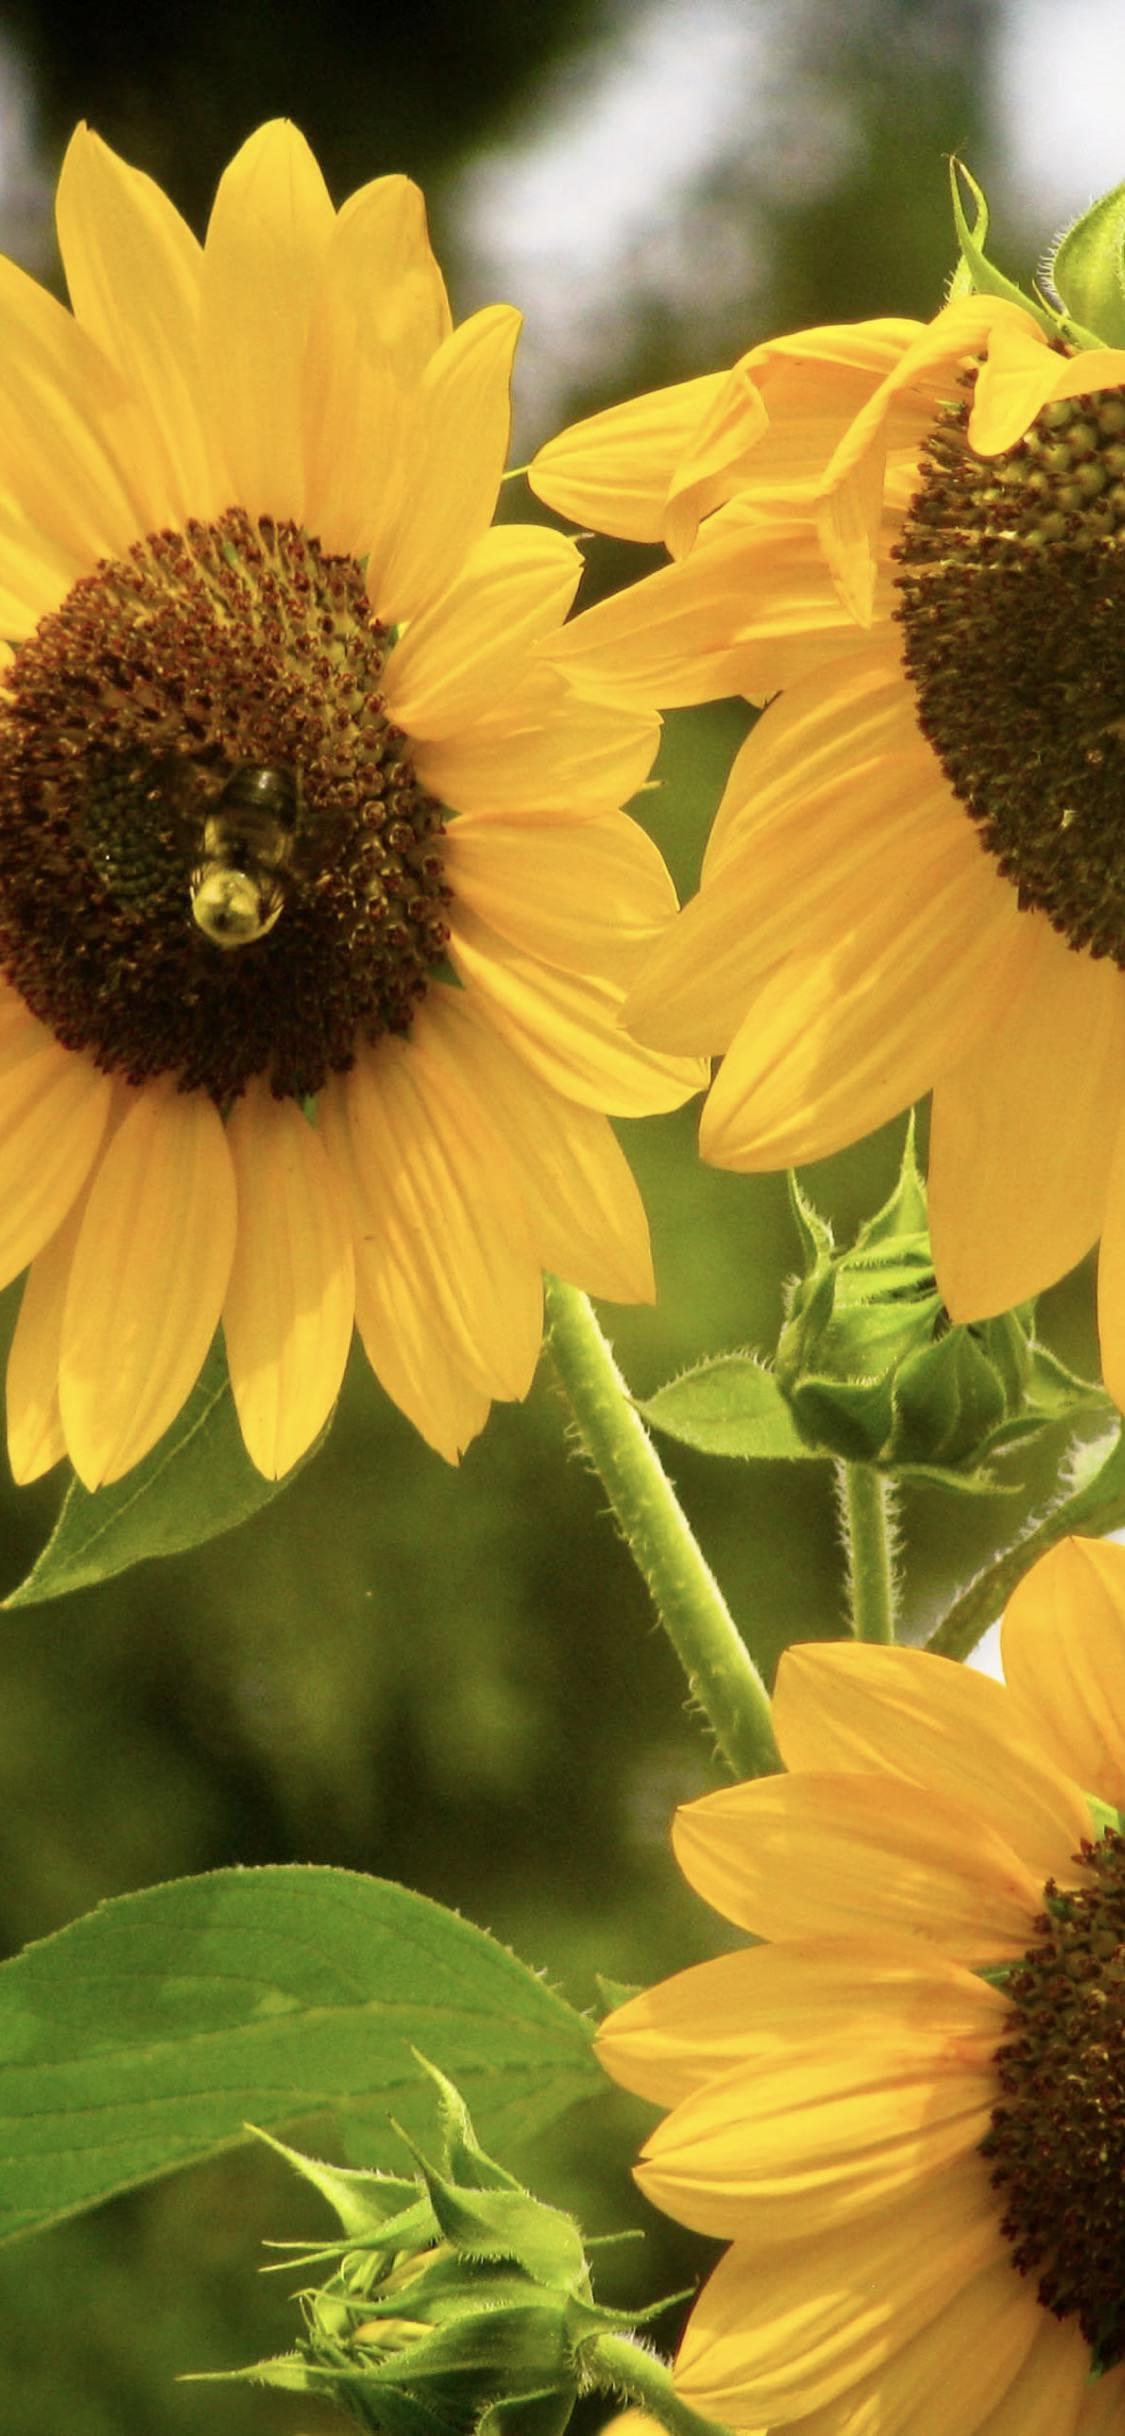 Sunflower Yellow Wallpaper Sc Iphonexs